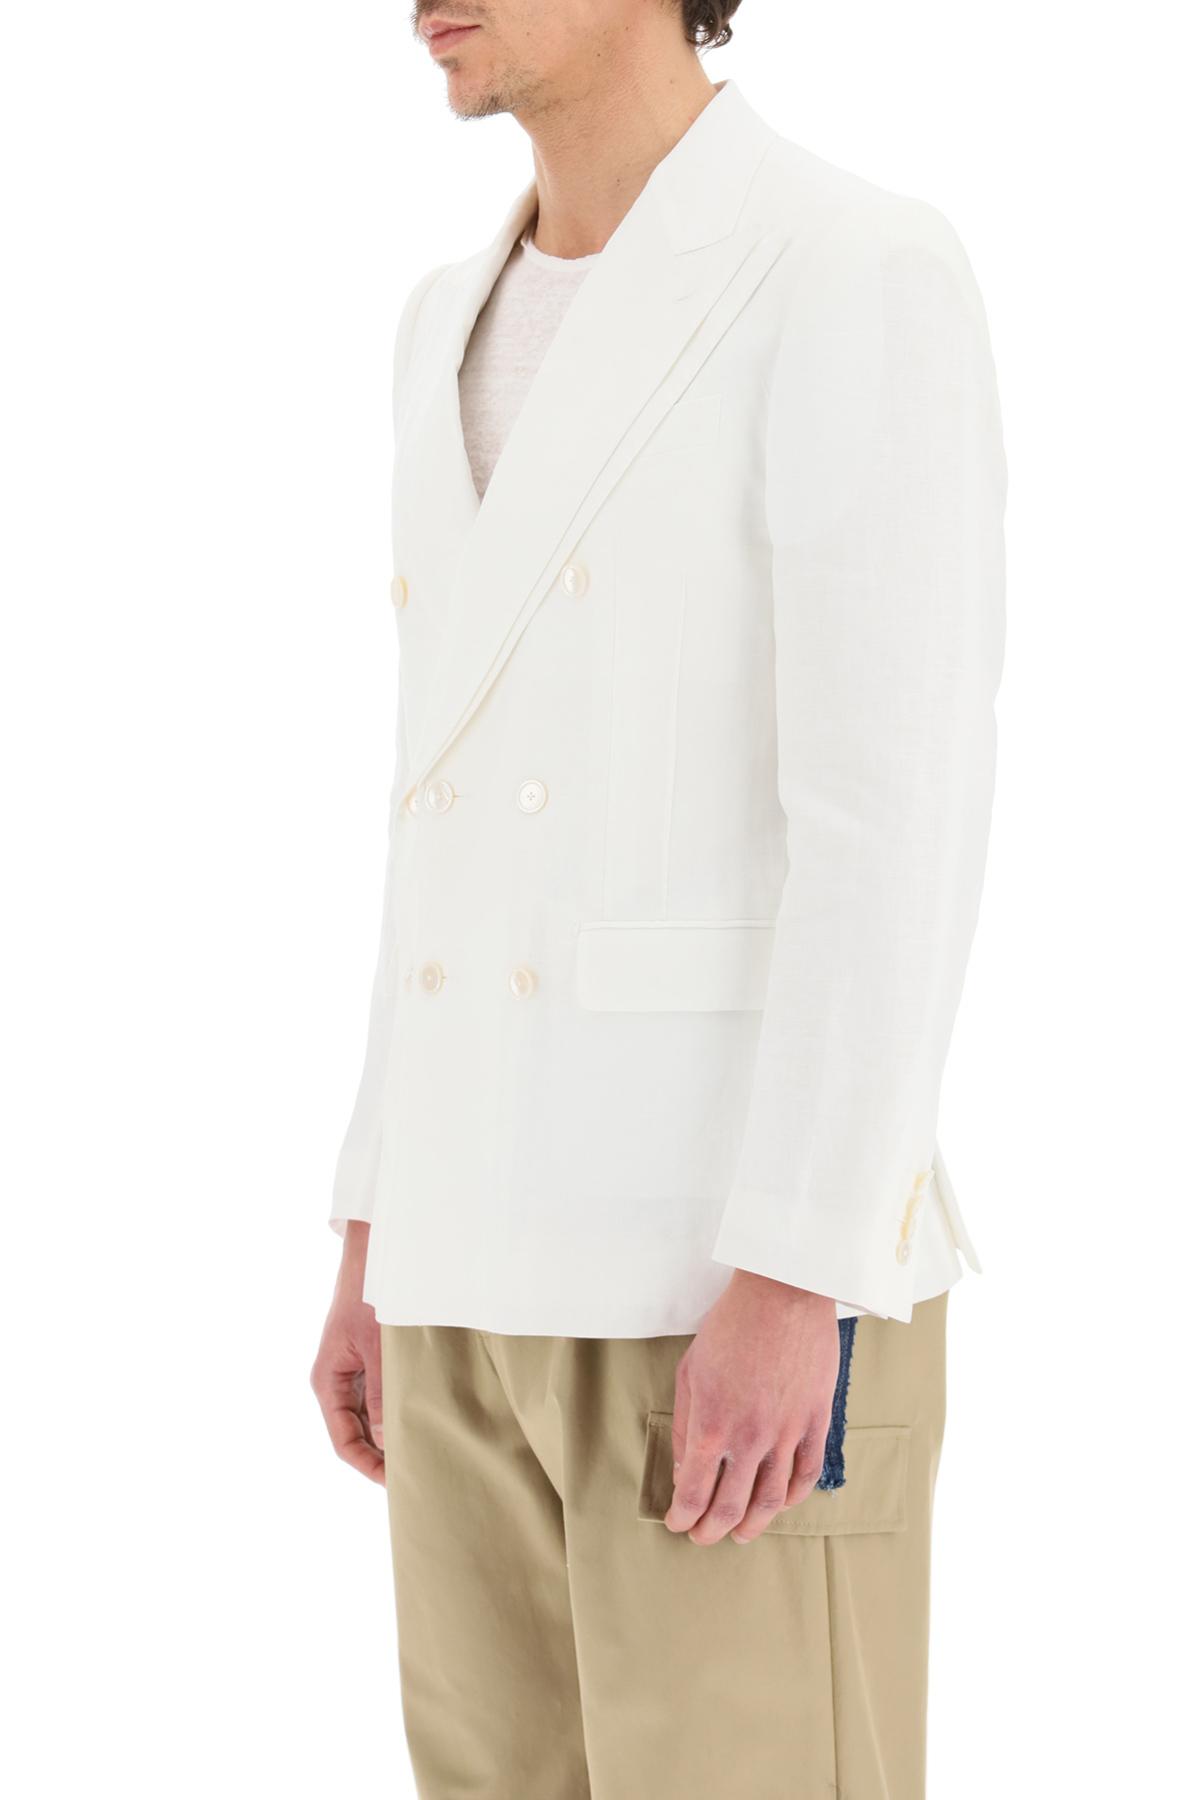 Dolce & gabbana blazer doppiopetto in lino